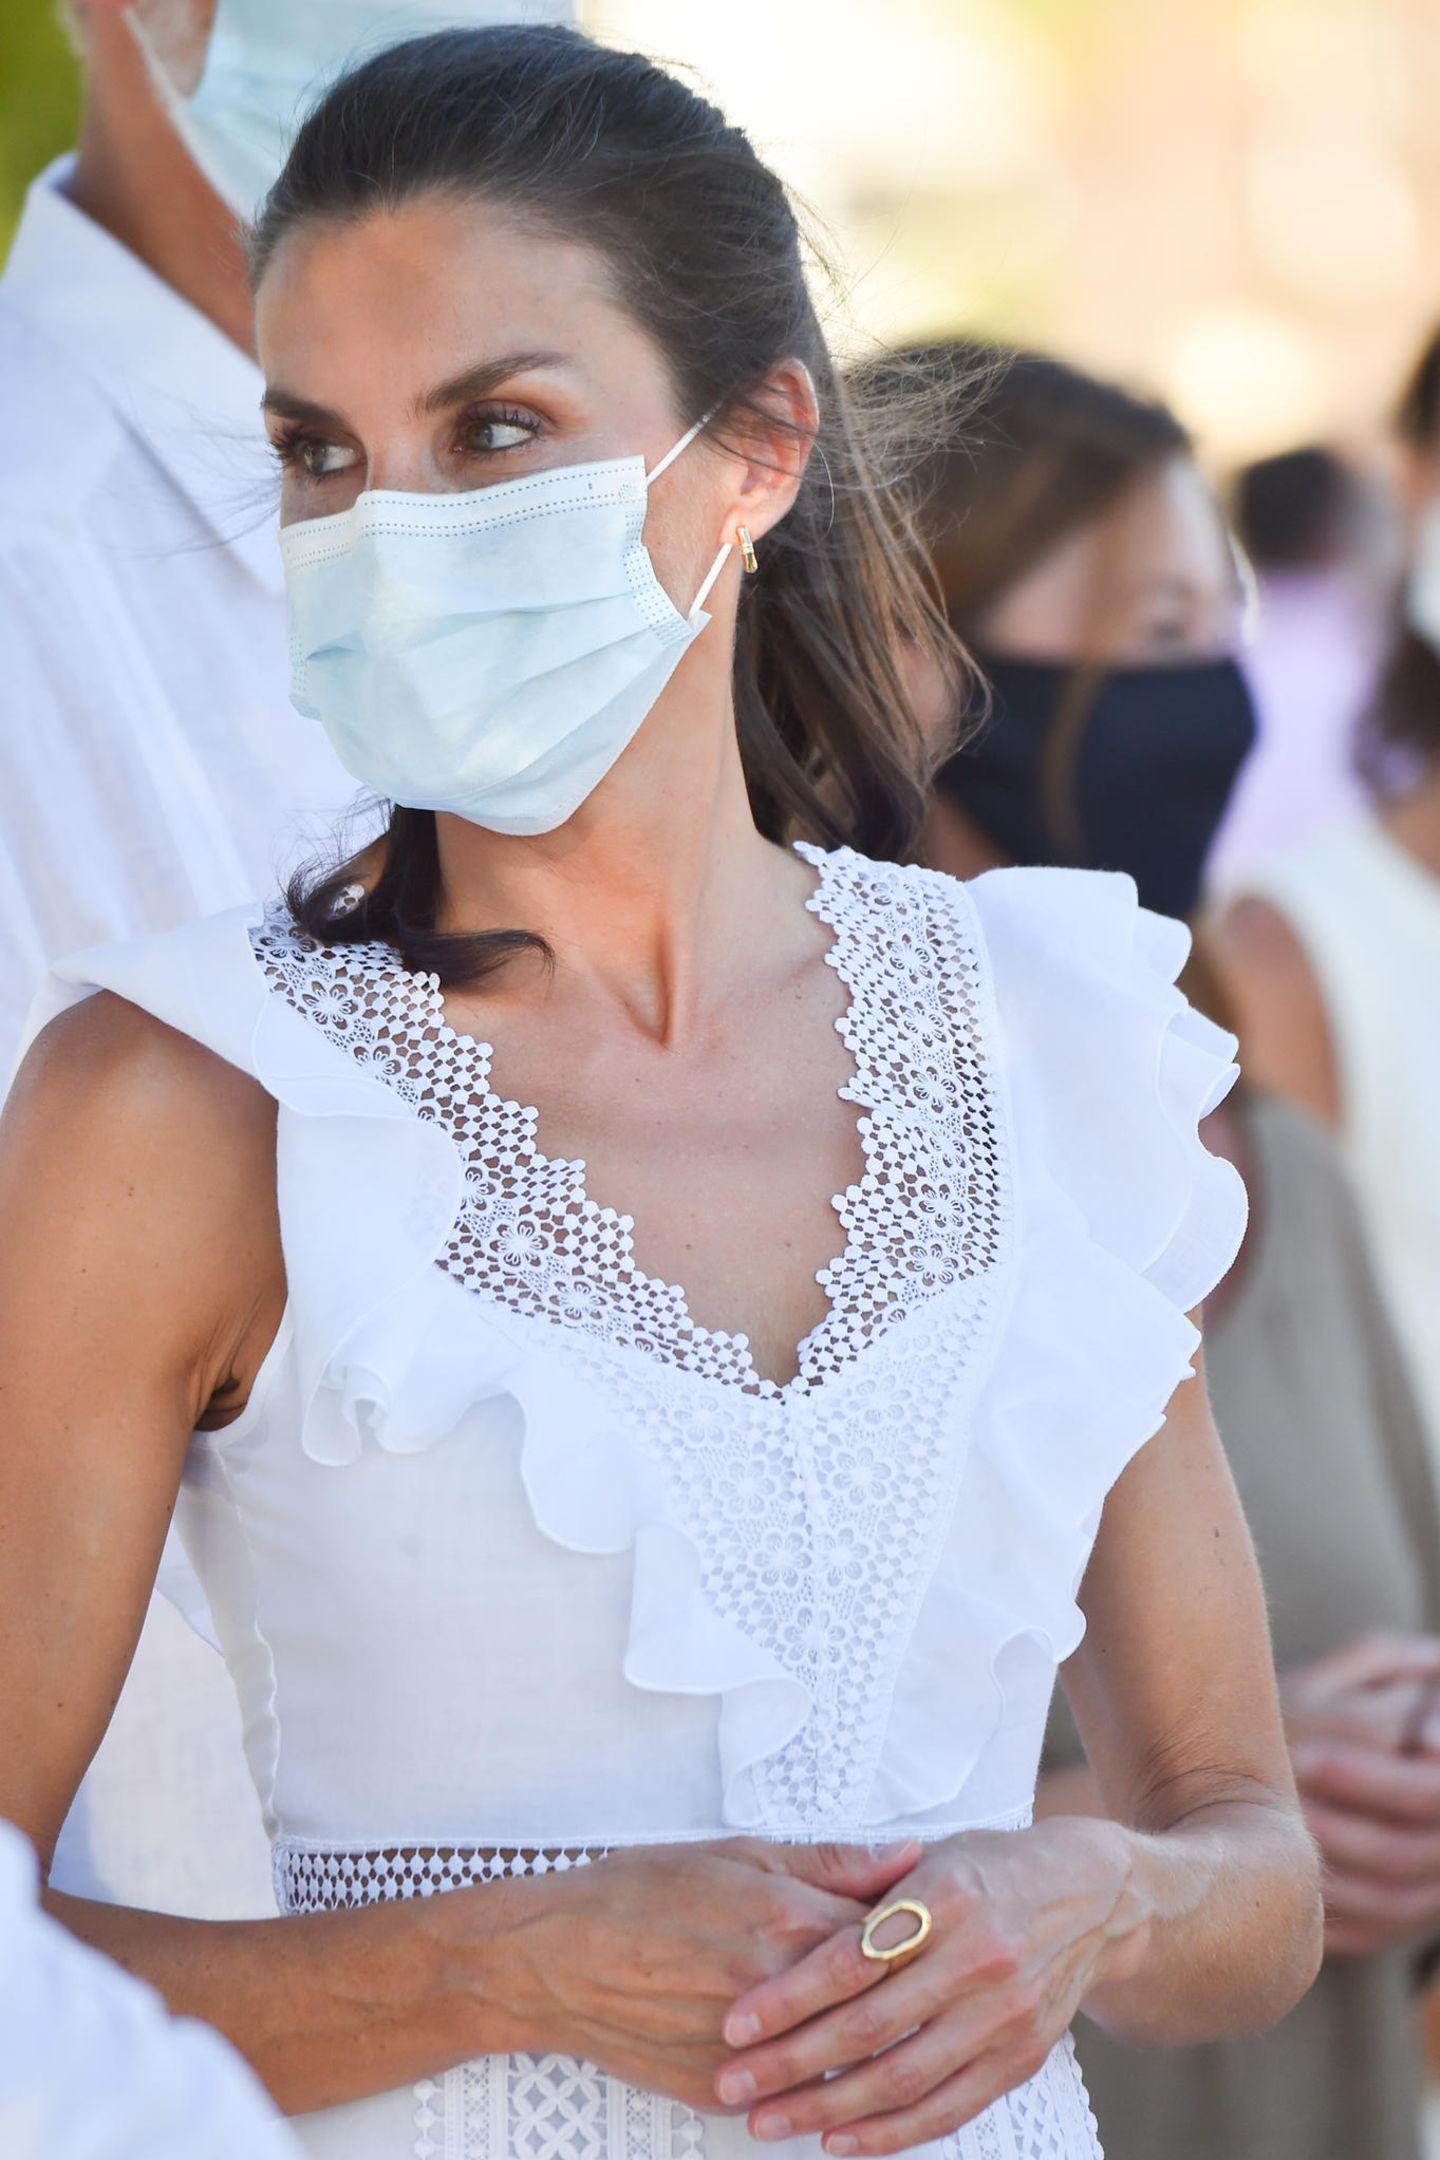 Das ist nicht das erste weiße Kleid, dasKönigin Letizia trägt, sondern schon das dritte in Folge. Kein Wunder, die Farbe Weiß steht für Frieden, Reinheit undUnschuld und lässt leicht gebräunte Haut erstrahlen. Eigenschaften, die die Monarchin zur Zeit gut gebrauchen kann. Ein ständiger Begleiter ist auch der goldene Statement-Ring von Karen Hallam für ca. 90 Euro.